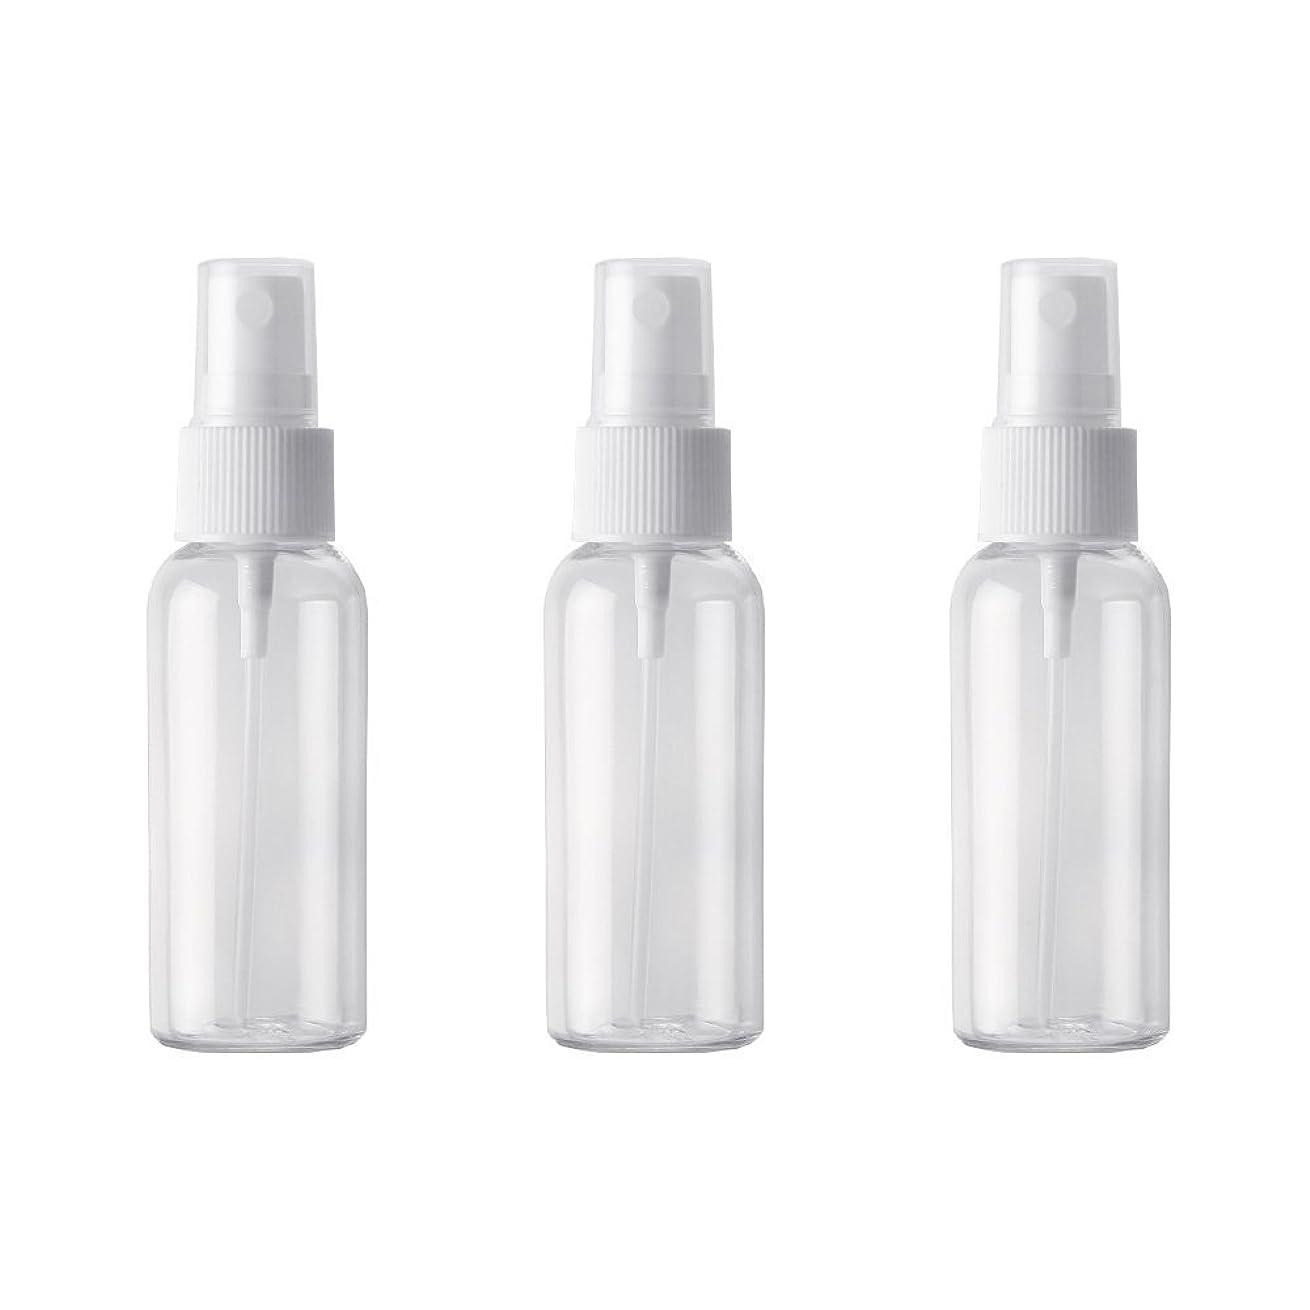 エアコン直感きゅうり小分けボトル スプレーボトル 50ml おしゃれ 空ボトル 3本セット 環境保護の材料 PET素材 化粧水 詰替用ボトル 旅行用品 (透明)